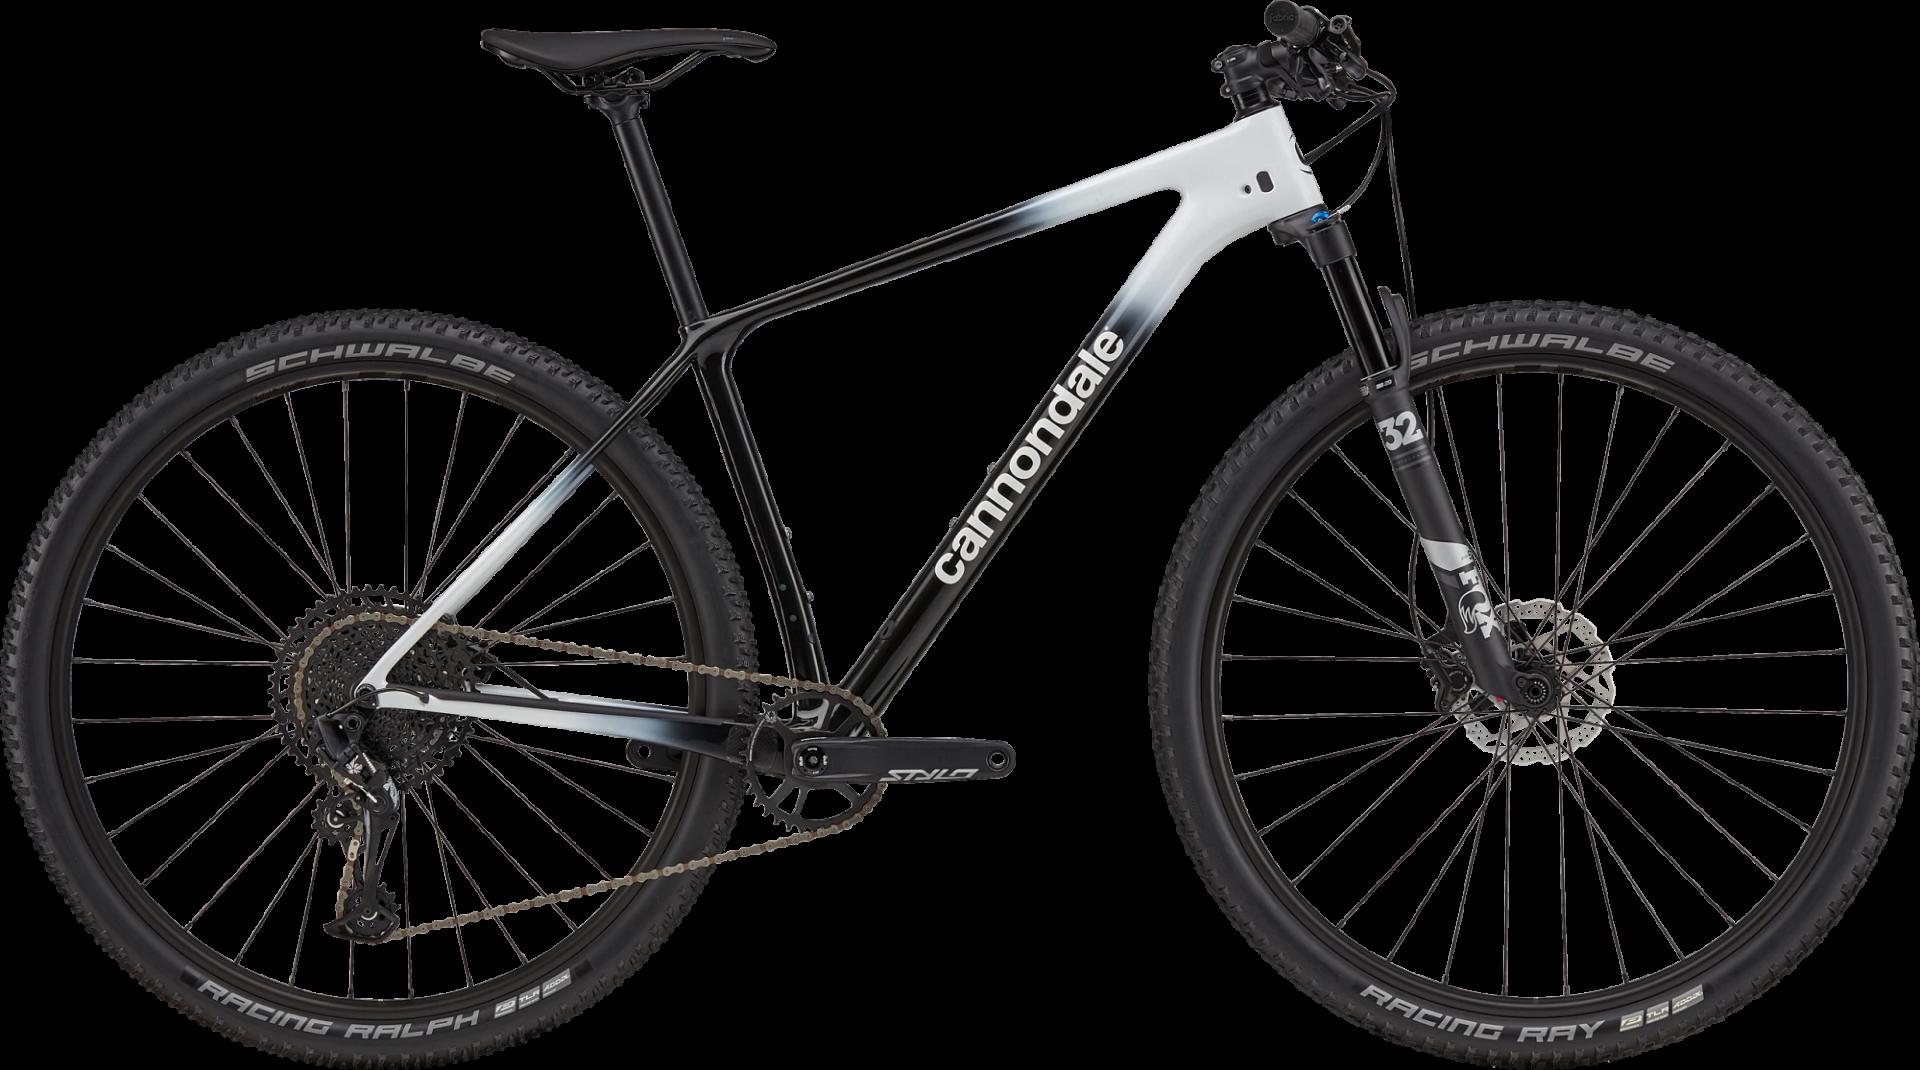 Bicicleta lançamento 2021, Cannondale F-Si Carbon 5